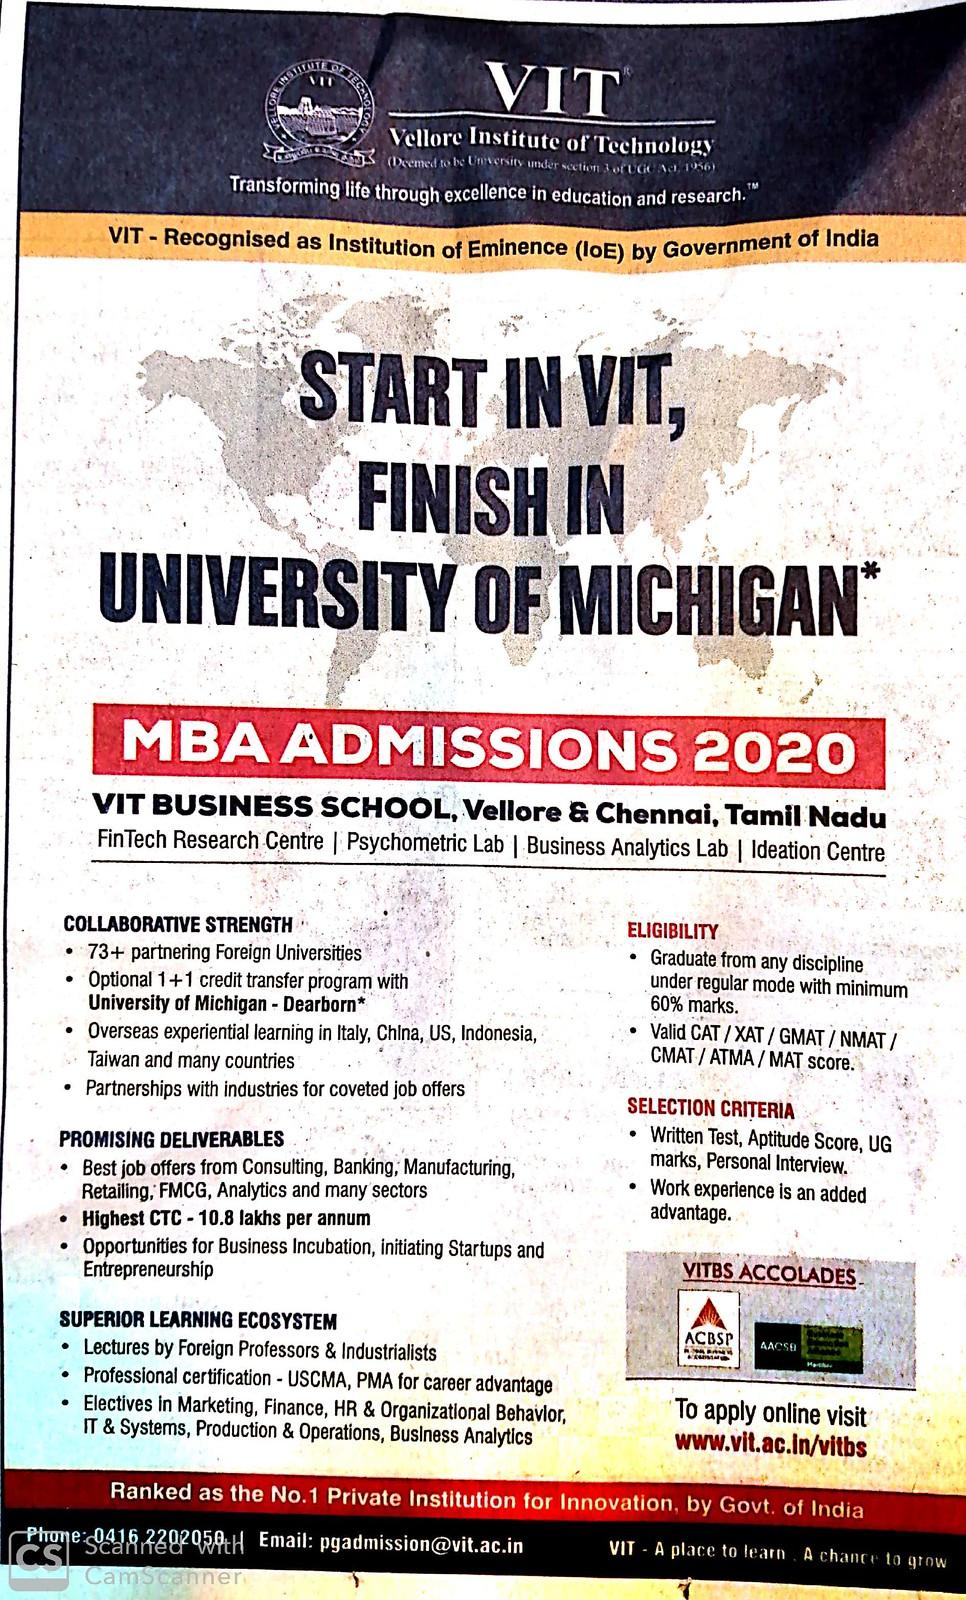 VIT MBA Admission 2020